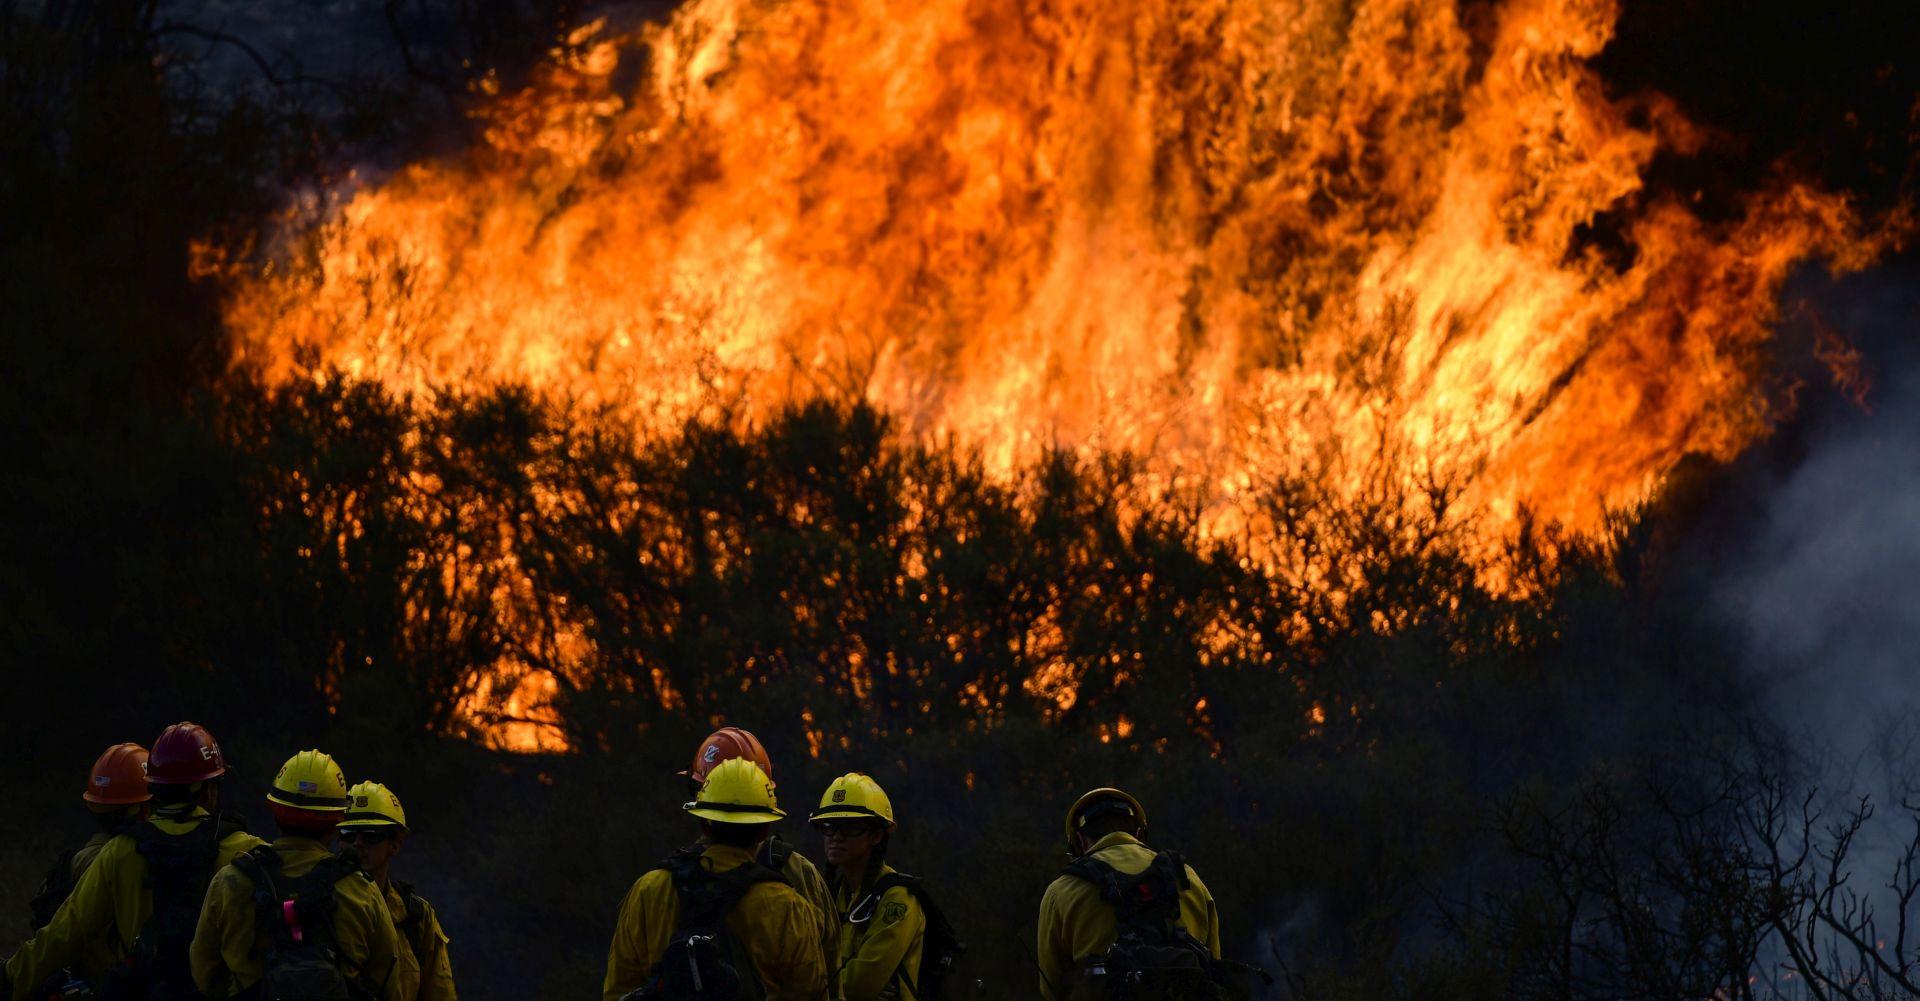 Šumski požar u Kaliforniji prijeti naseljima